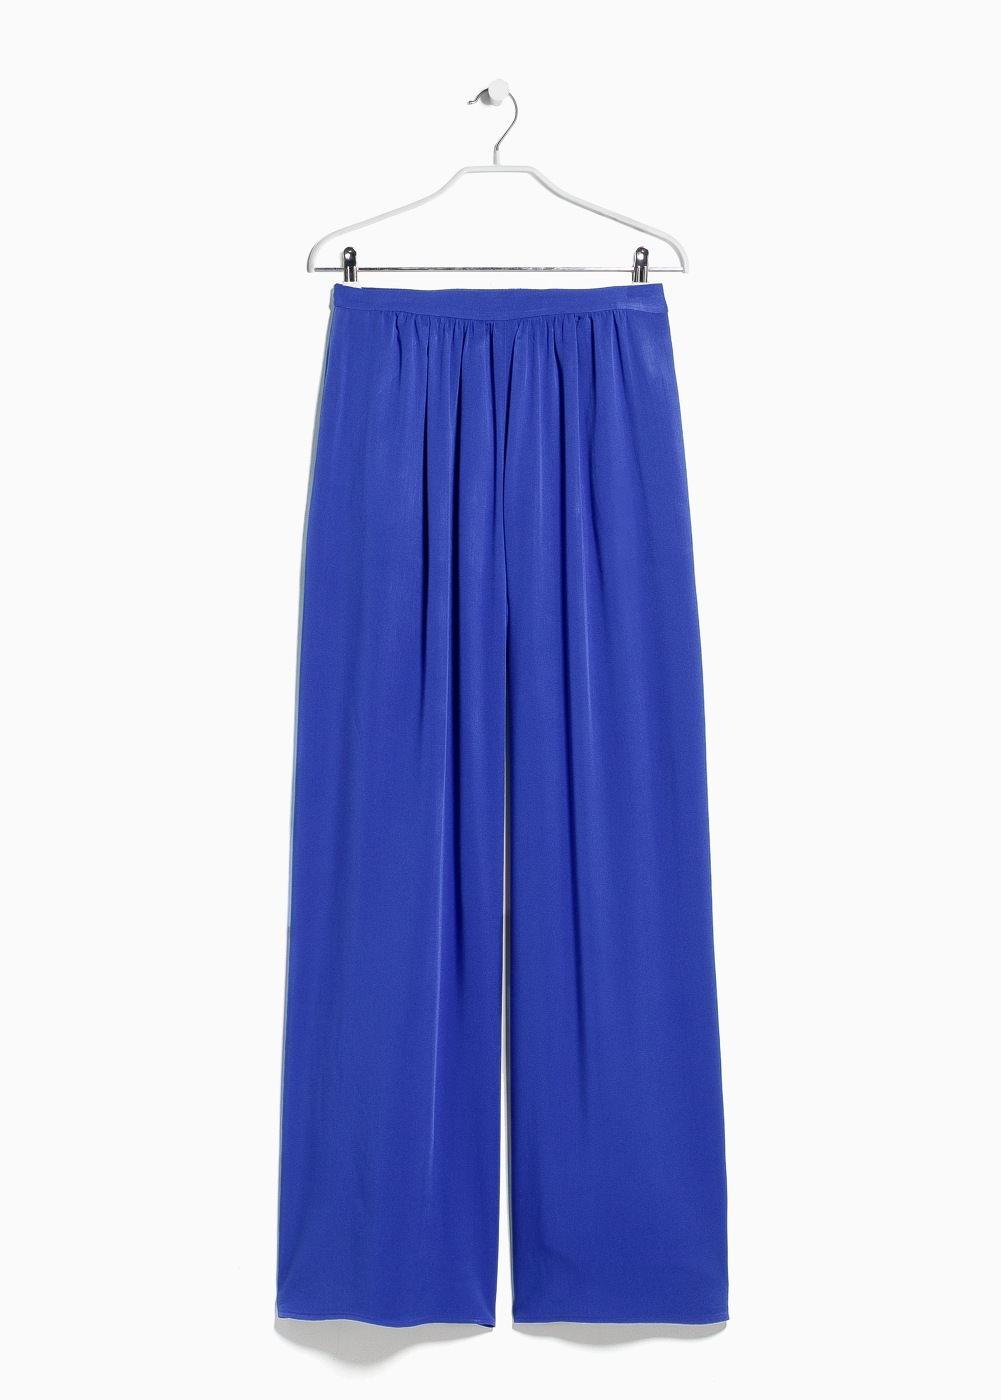 Colota en pantalon azul